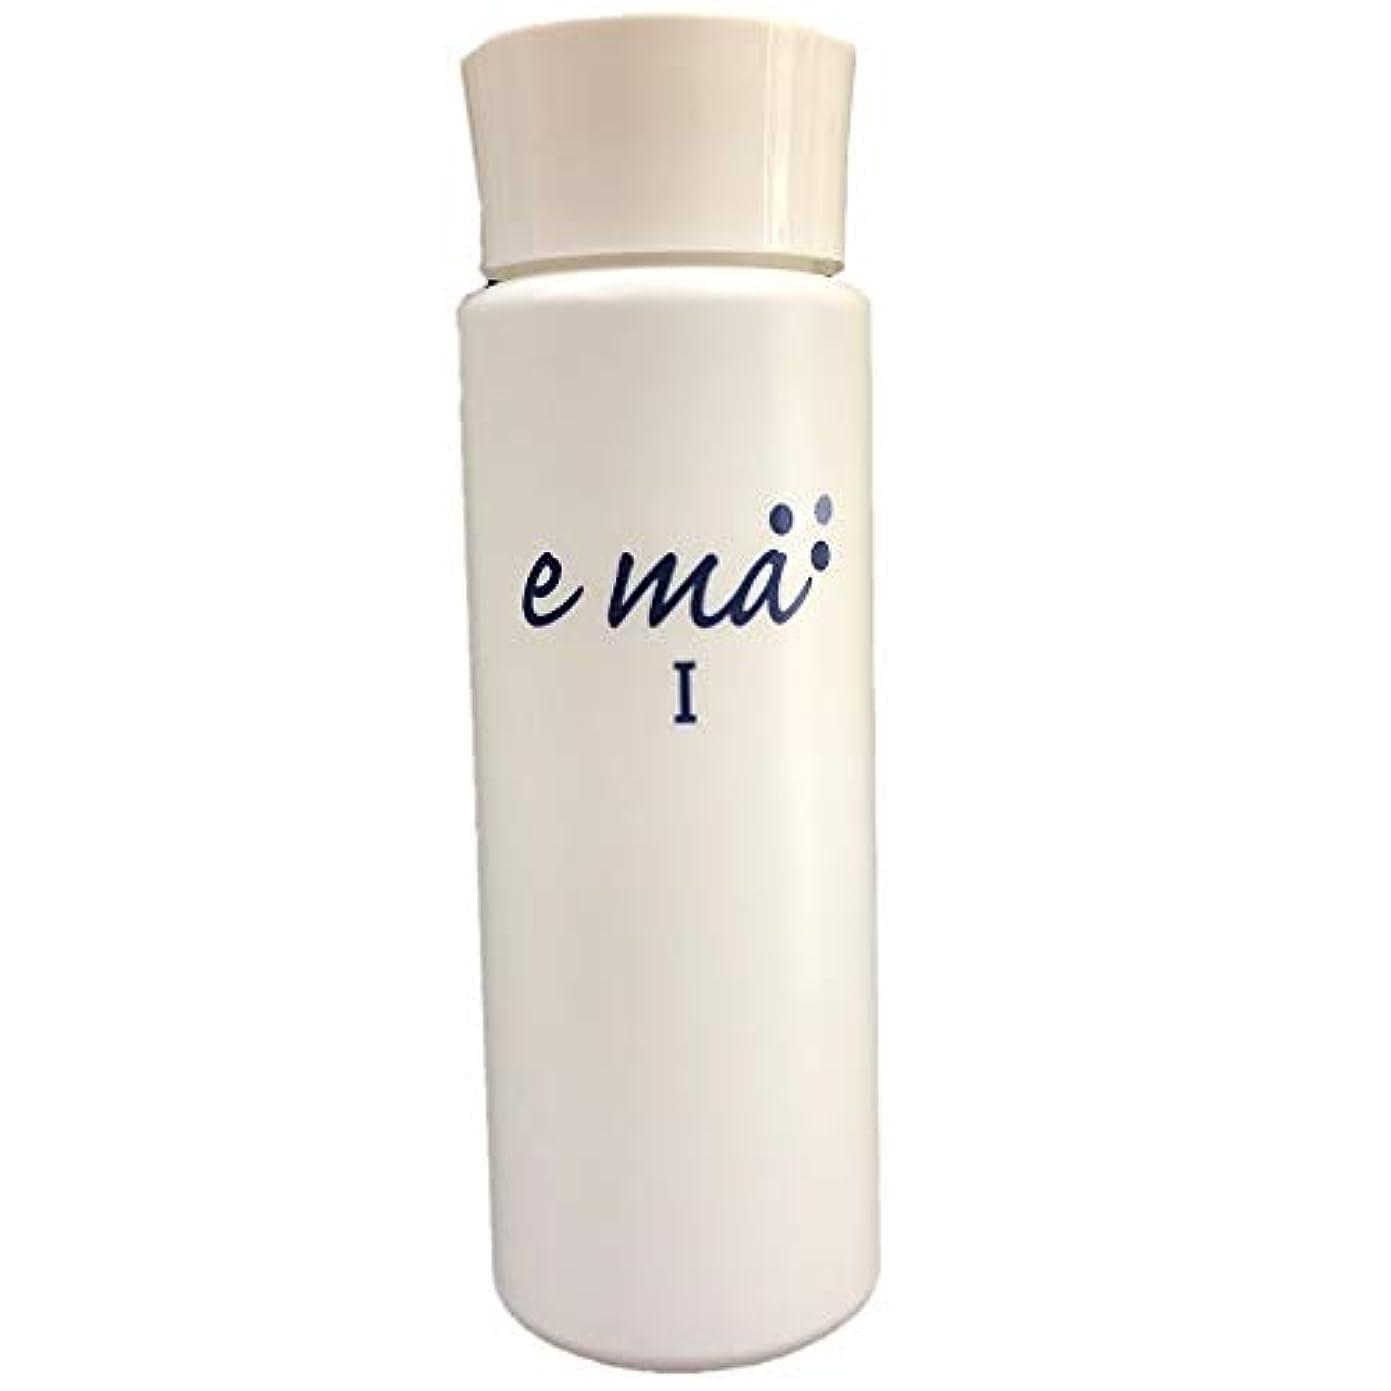 倍率見ましたモナリザ【薬用化粧水】 emaⅠ 人気のエマシリーズから薬用美白化粧水 100mL 医薬部外品